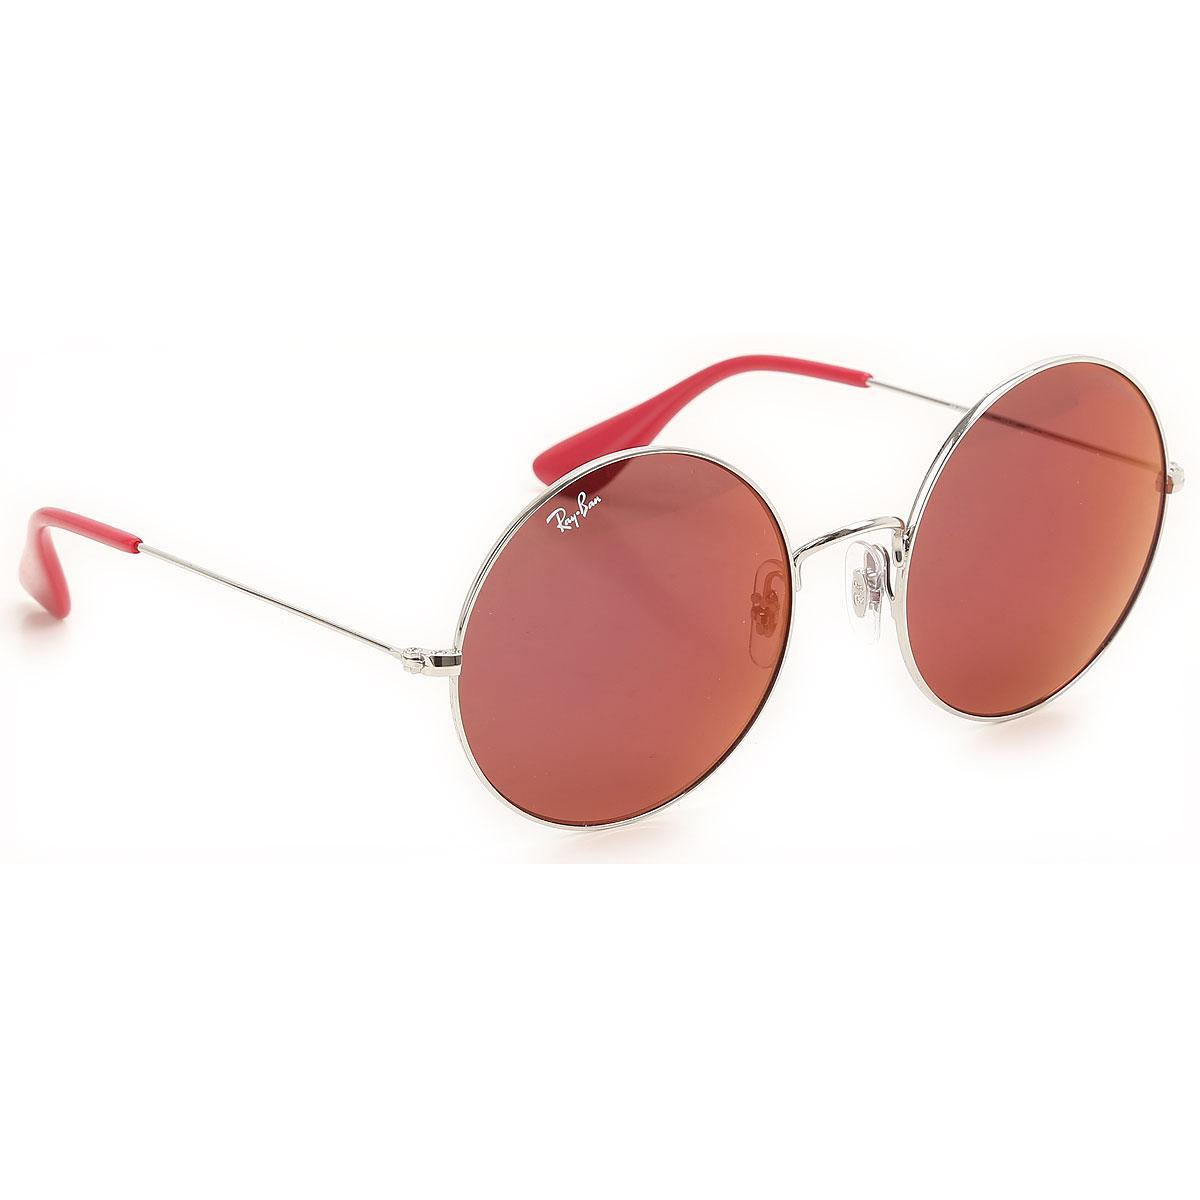 Ray-Ban. Gafas y Lentes de Sol Baratos en Rebajas de mujer de color metálico fbc0184795a4